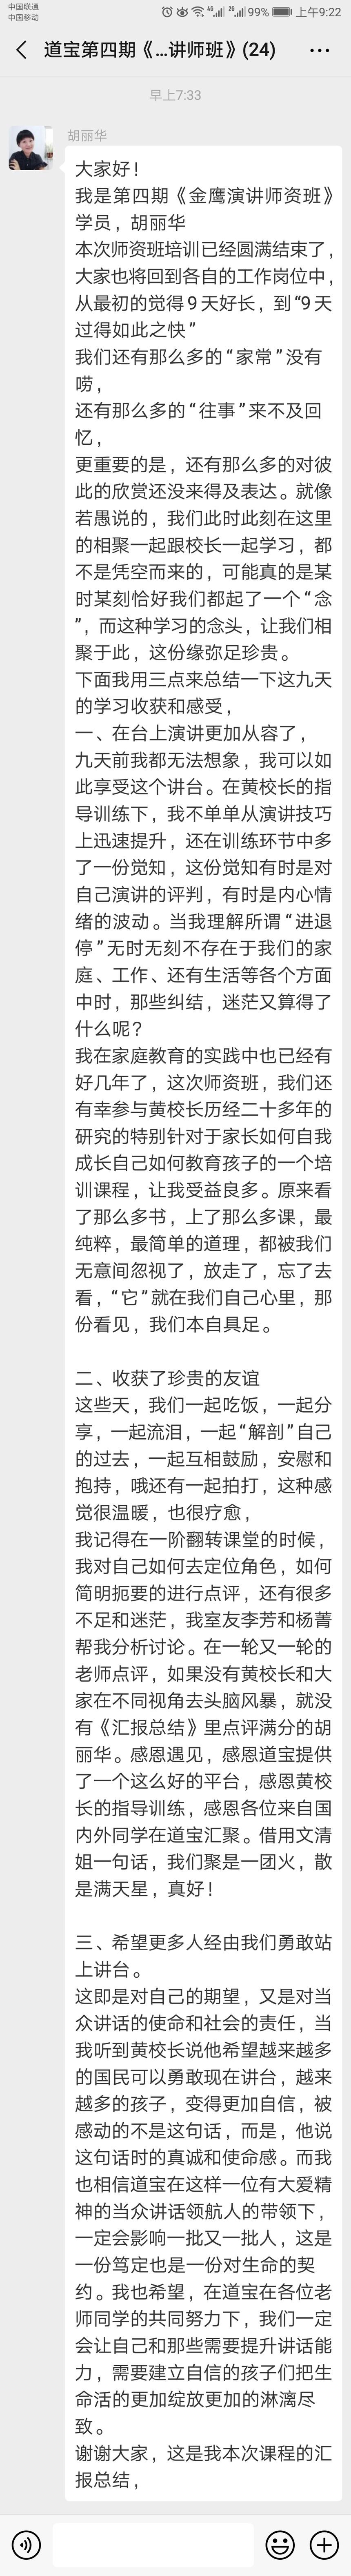 Screenshot_2019-04-08-09-22-35.jpg